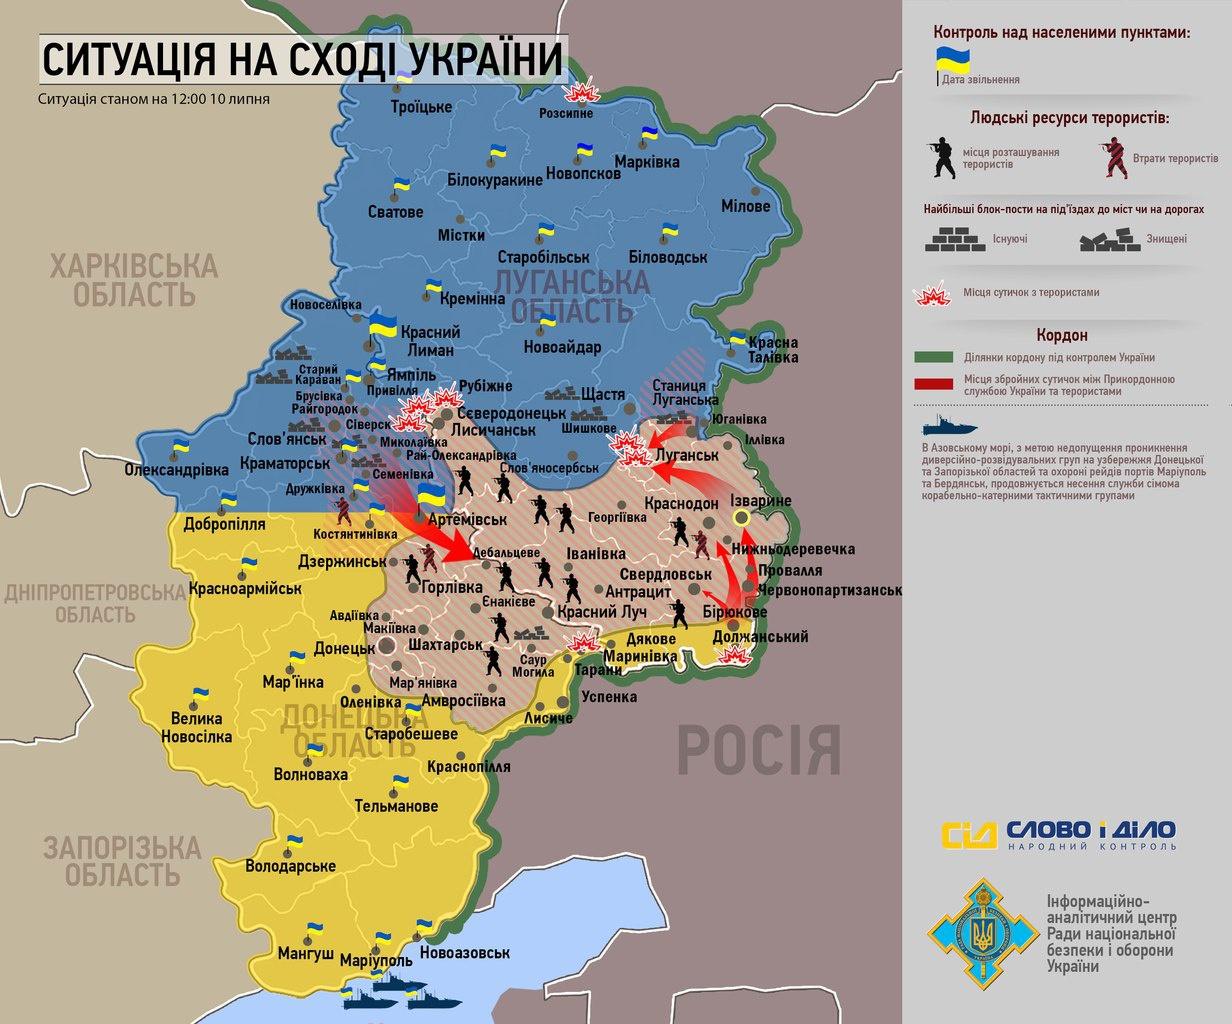 """МВФ доволен сотрудничеством с Киевом: """"Украина тратит деньги по назначению"""" - Цензор.НЕТ 1991"""